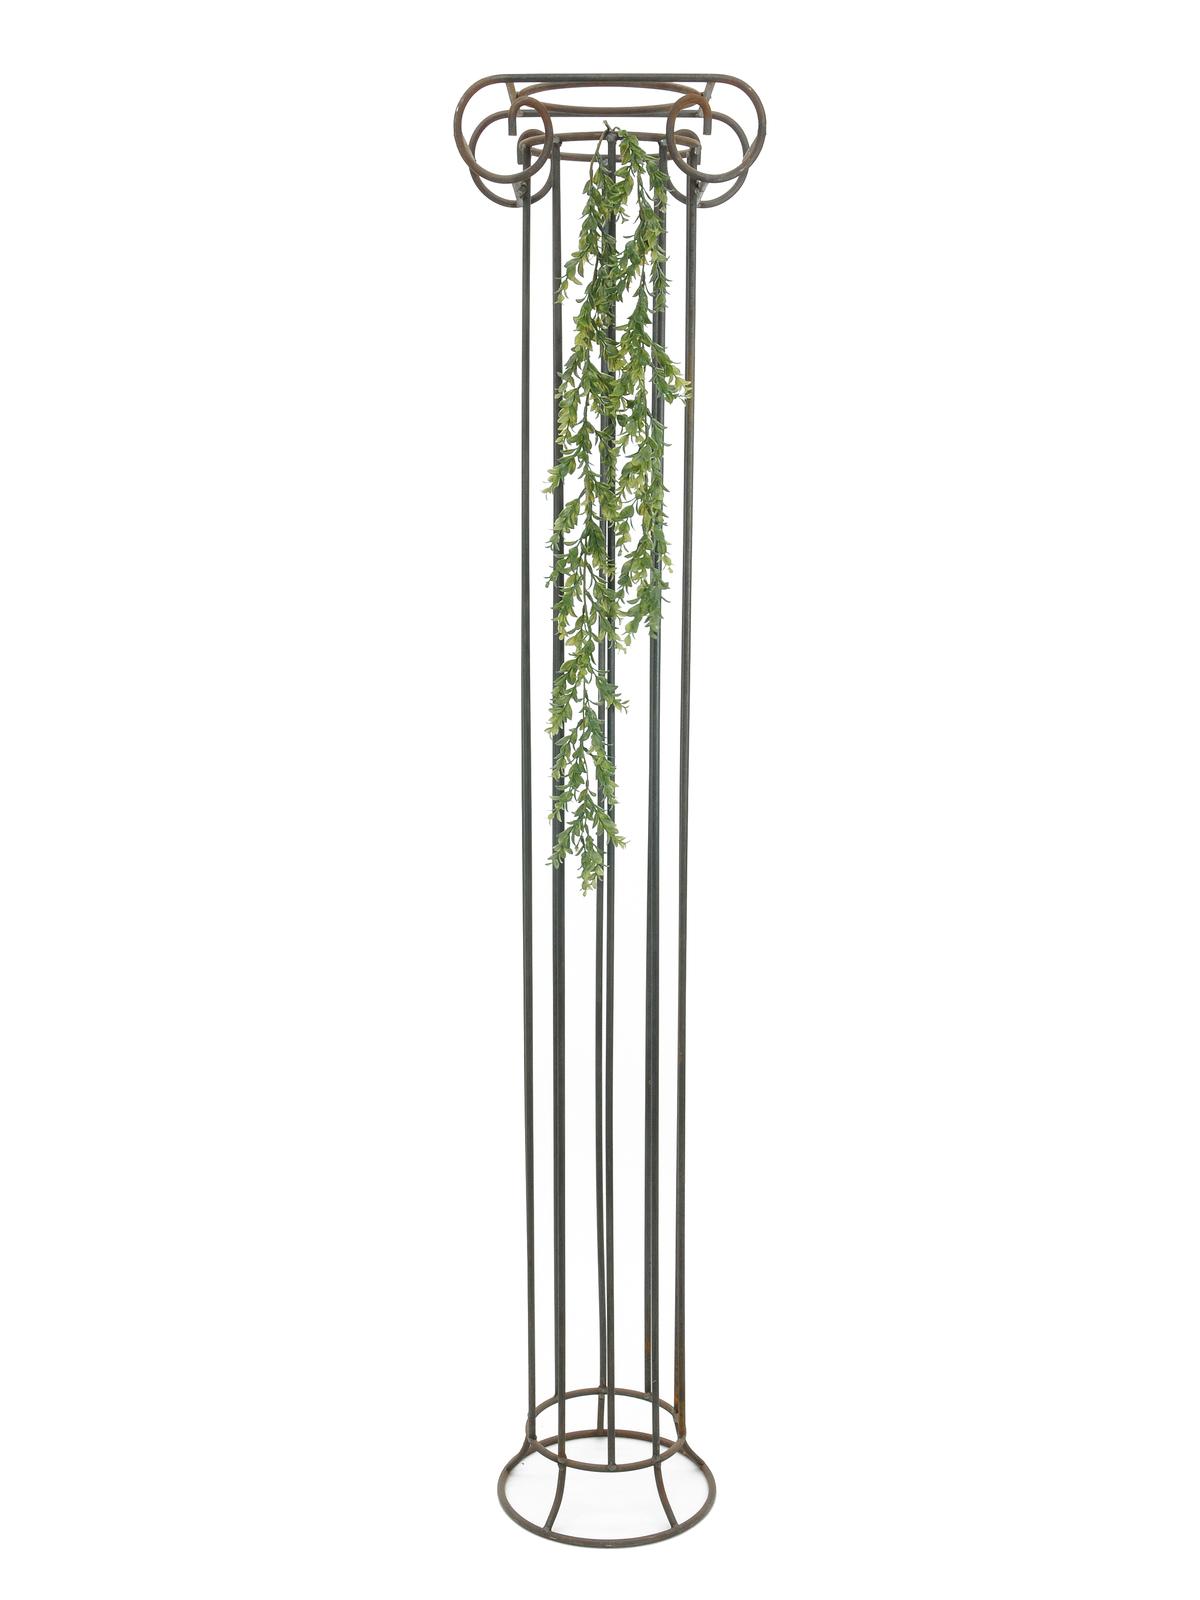 EUROPALMS Grasranke, künstlich, dunkelgrün, 105cm